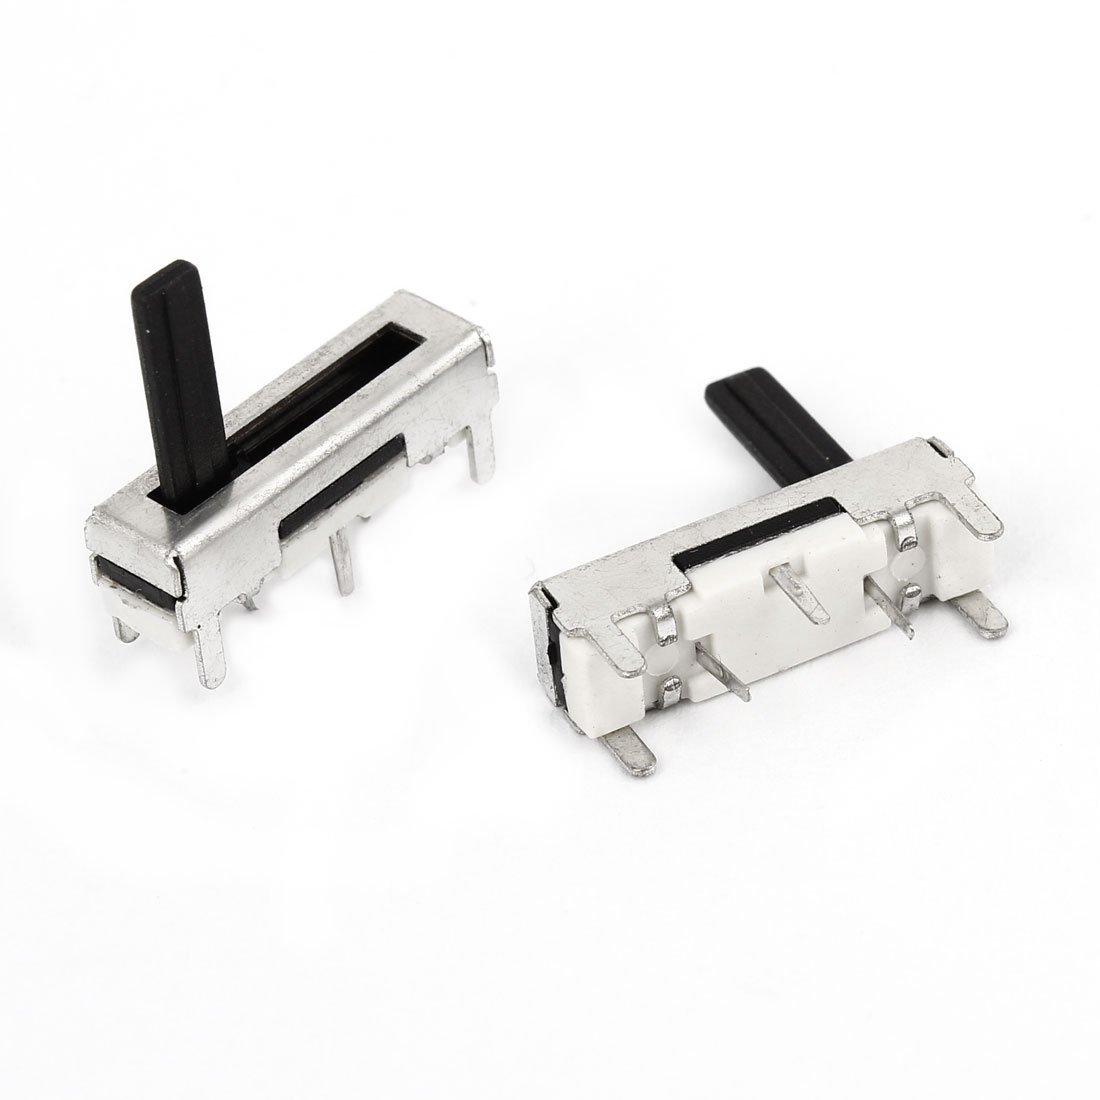 2pcs 11 mm Carrera del actuador lineal simple de tipo deslizante del potenciómetro de 18K